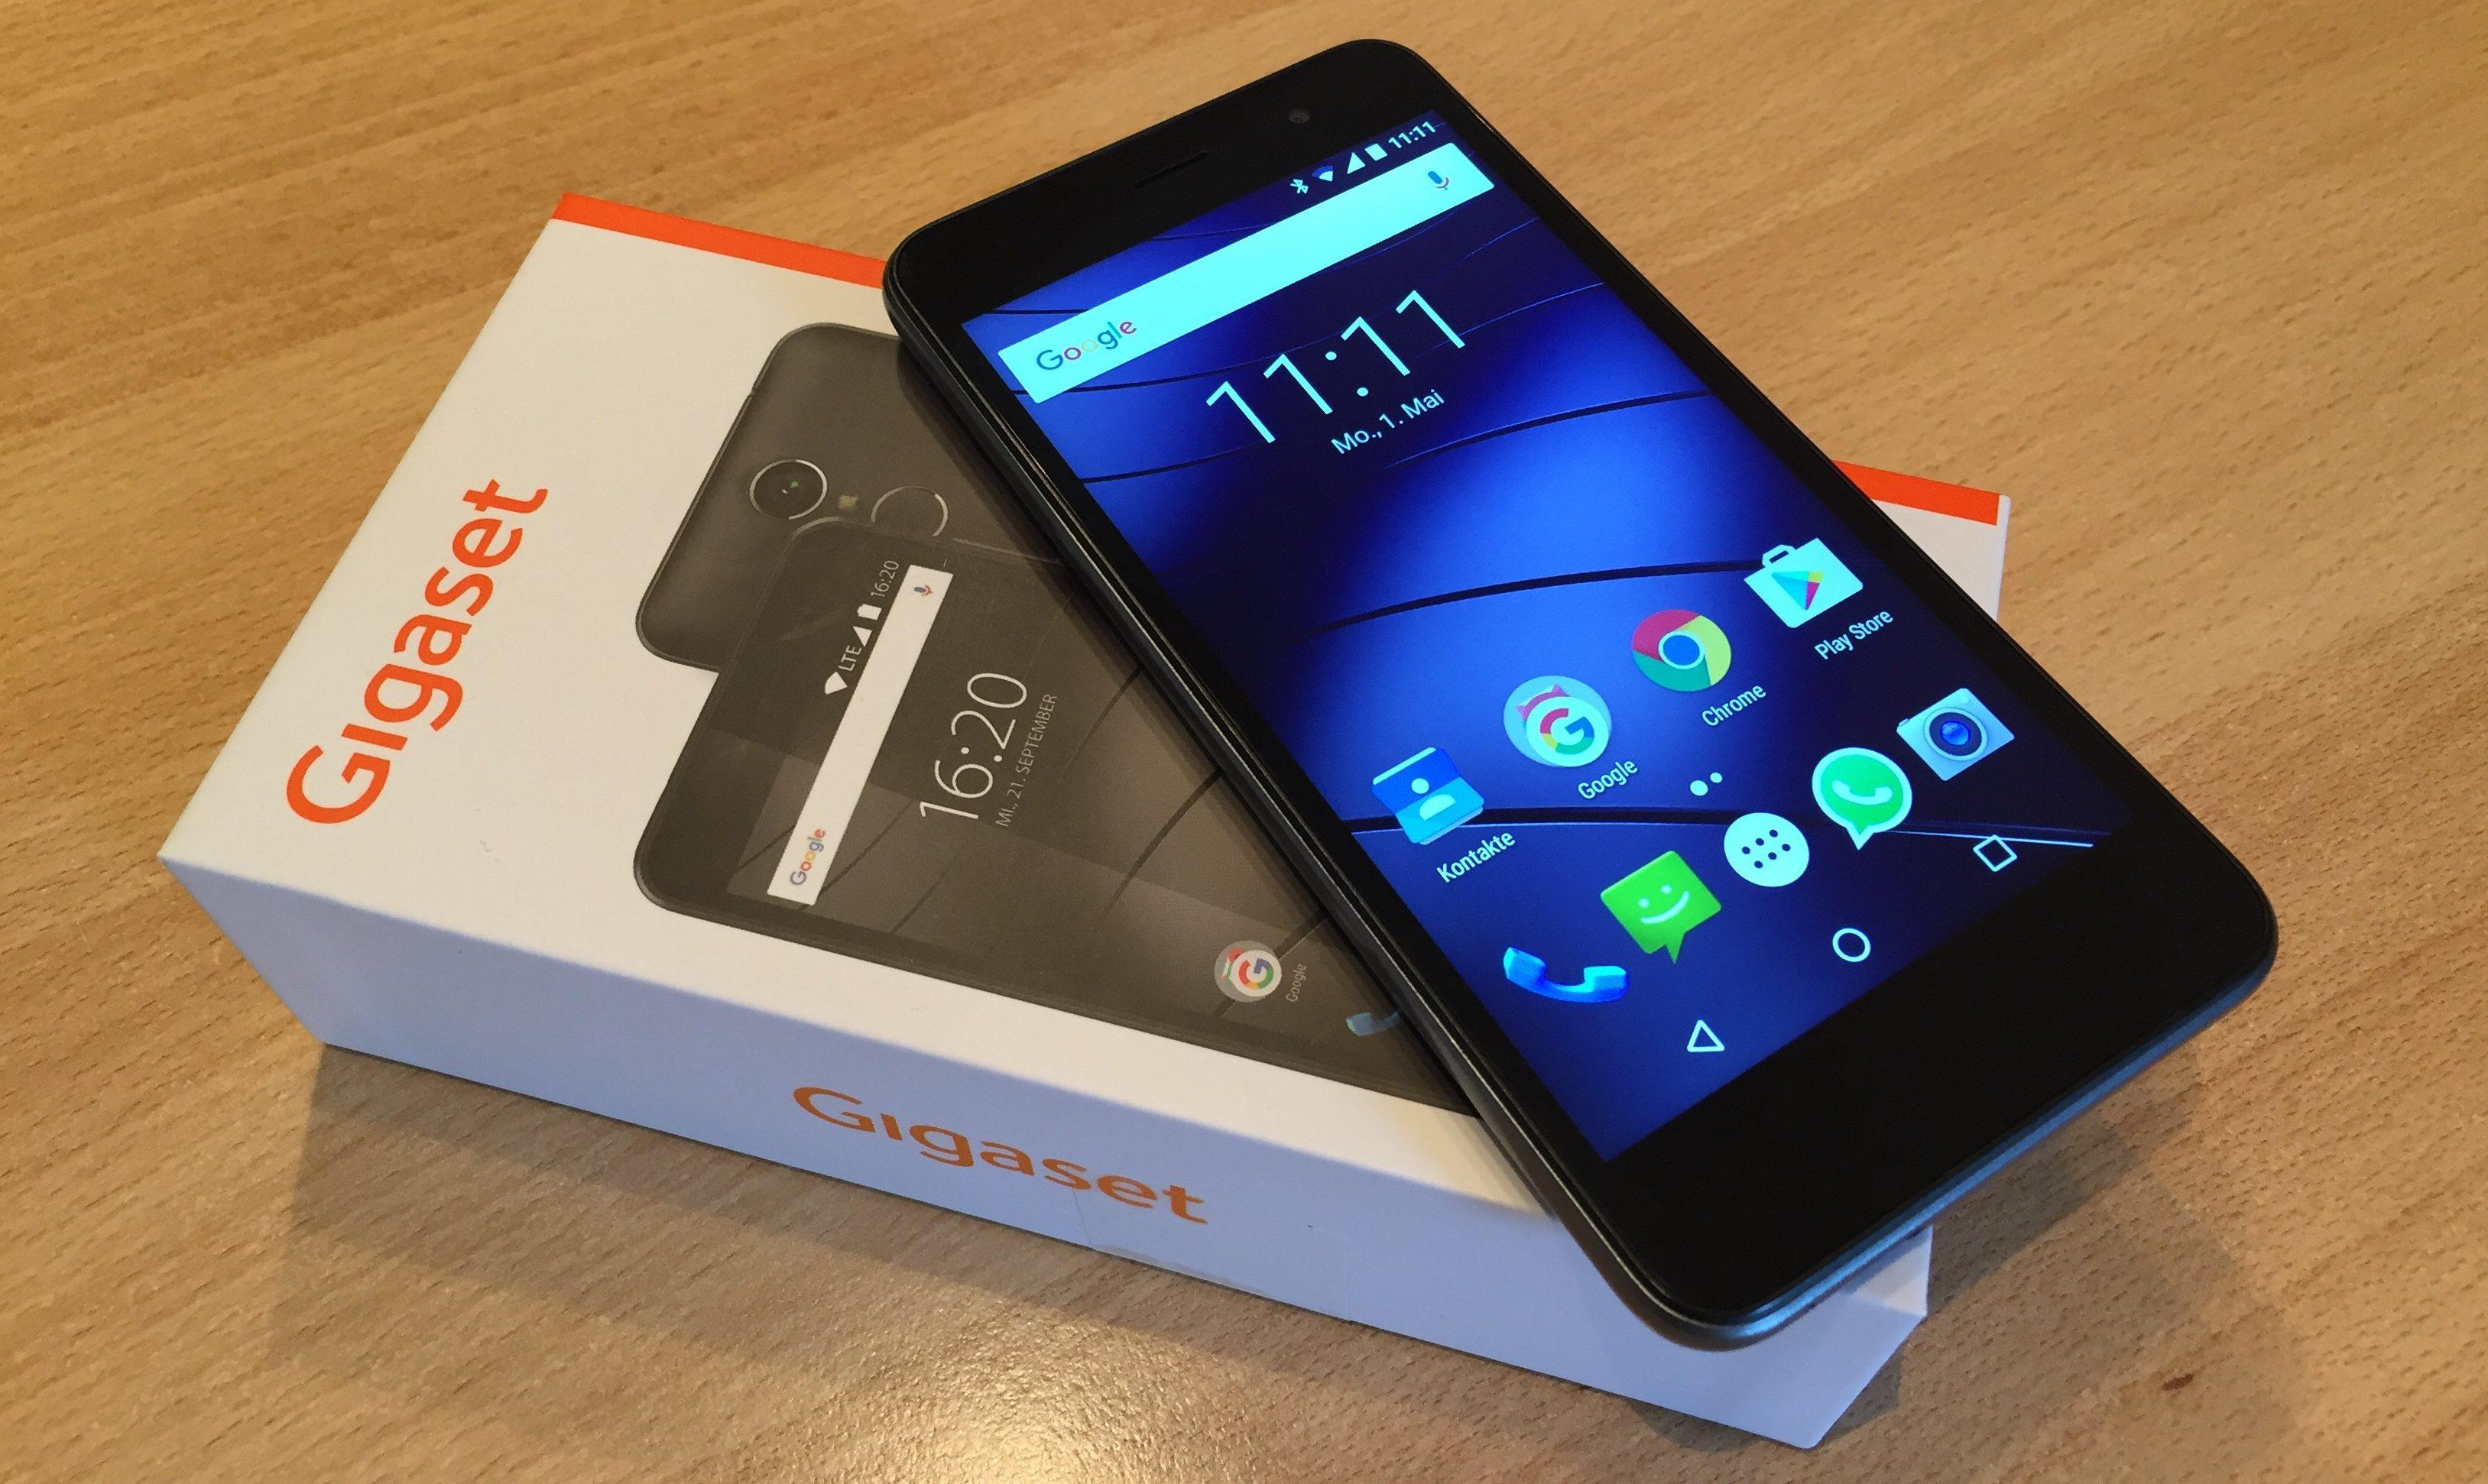 Gigaset GS160 überzeugt Im Test Als Einsteiger-Smartphone